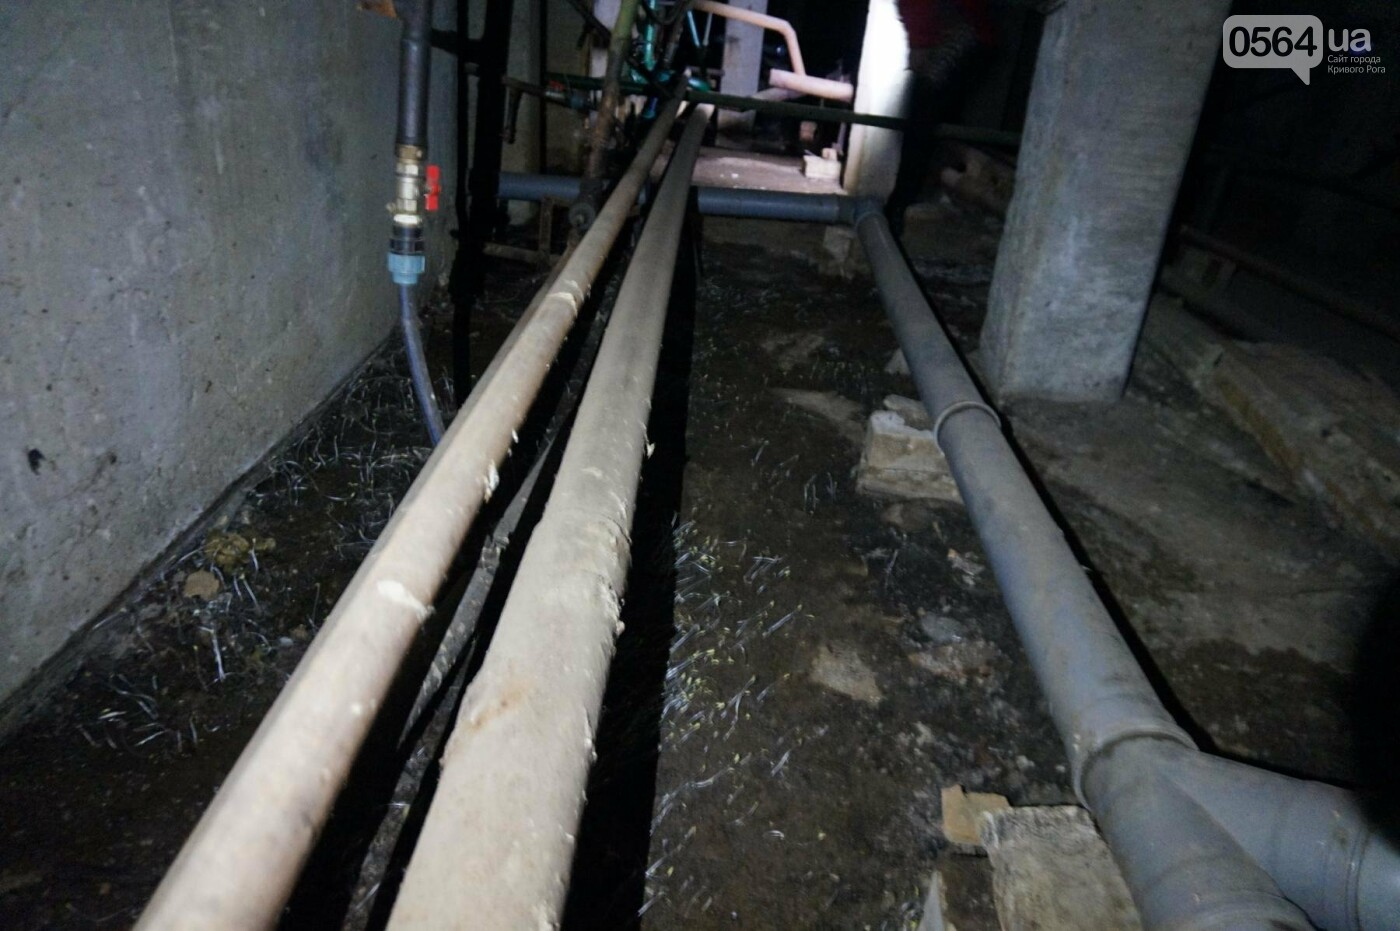 Криворожскую многоэтажку затопило фекалиями (ФОТО, ВИДЕО), фото-7